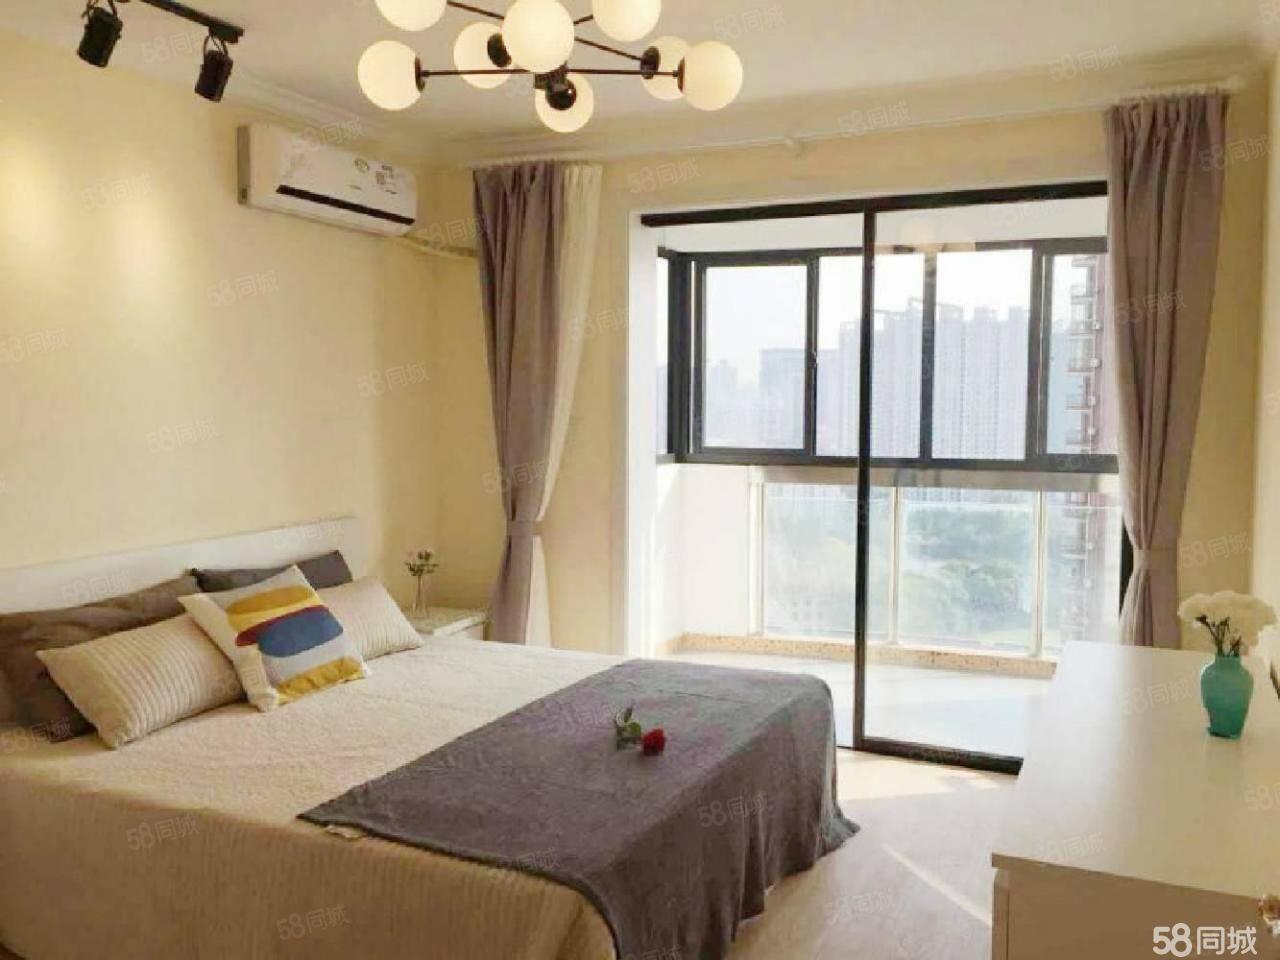 月租季度租年租一室两室三室精装修拎包入住欢迎随时看房价位自选